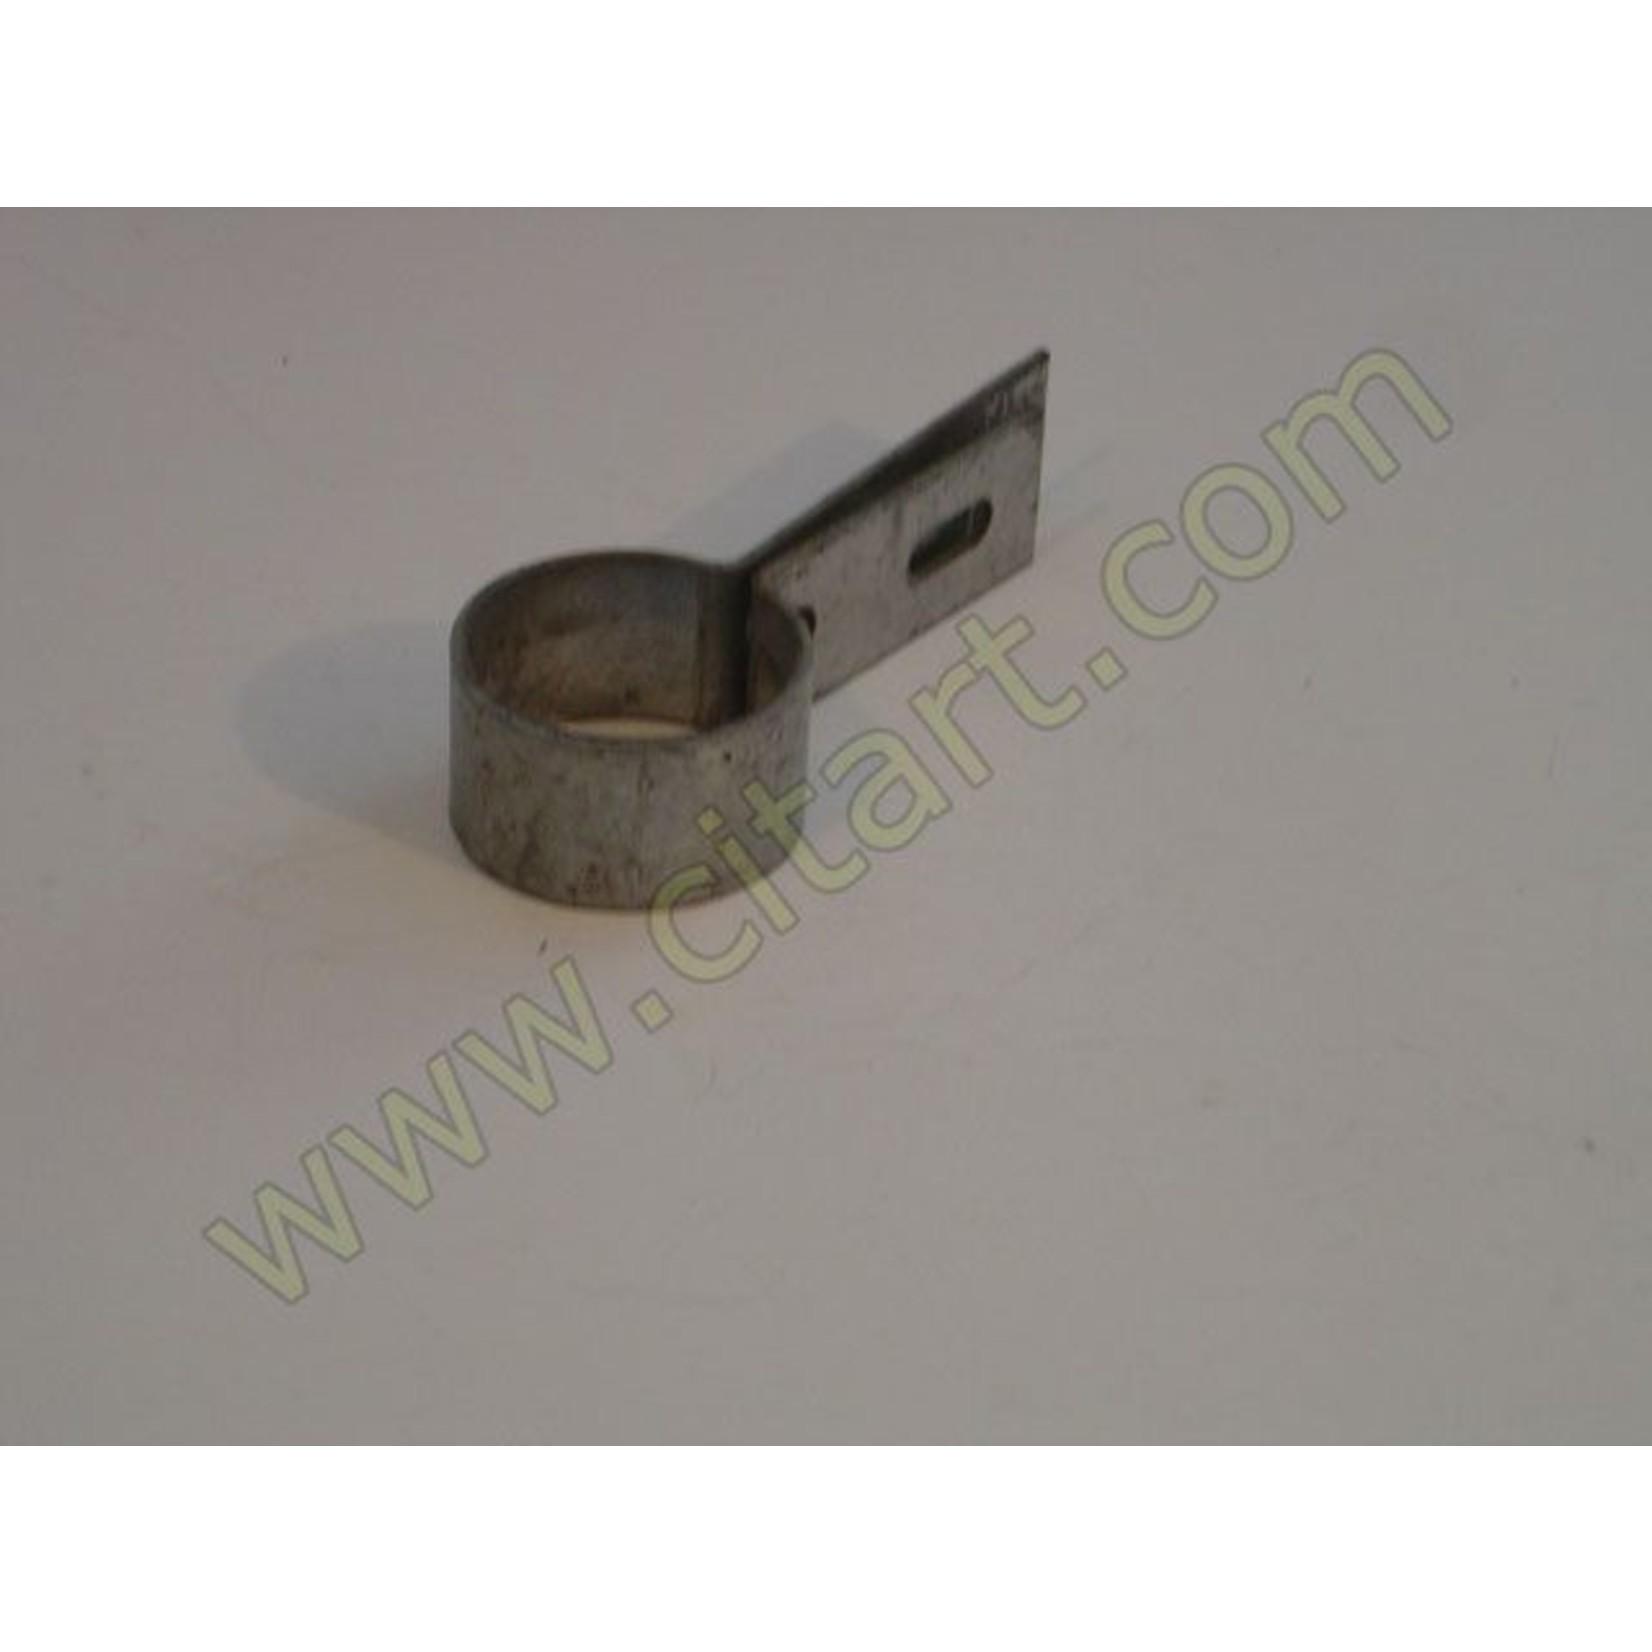 Collier de tube avant simple Nr Org: DX18279C